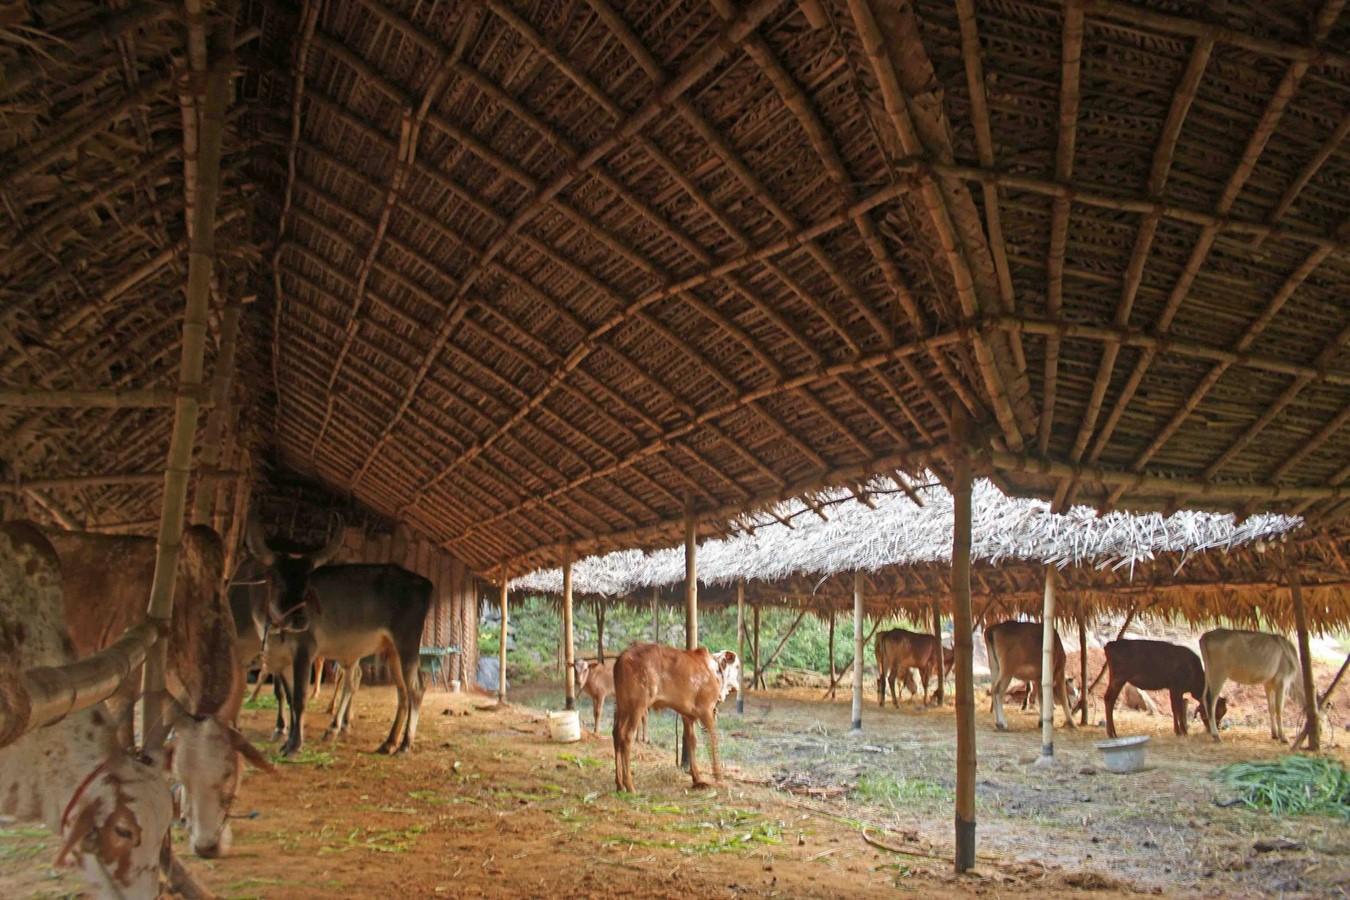 COW SHELTER, POLUR, TAMIL NADU - Sheet2